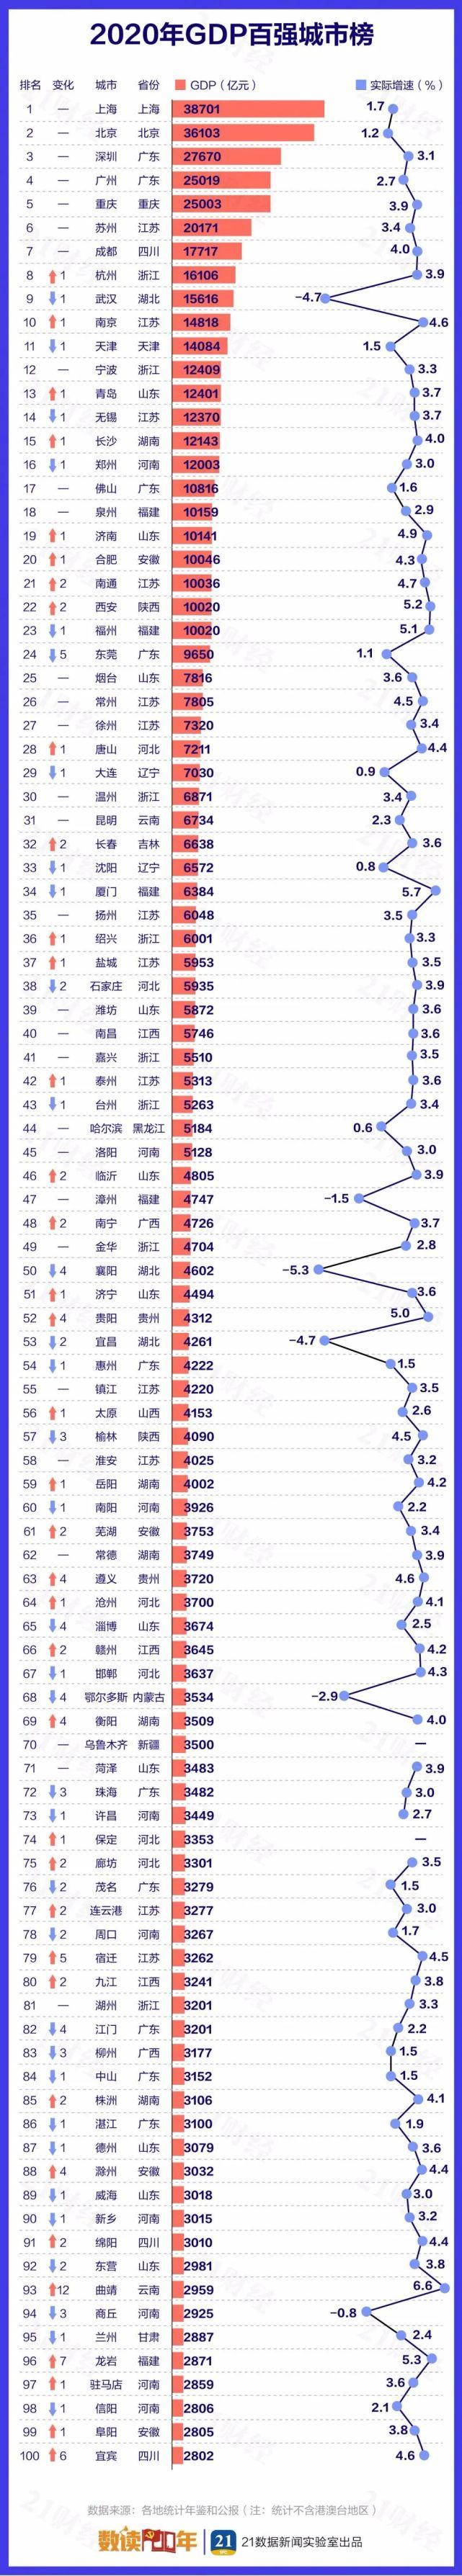 """最新!中国城市GDP百强榜:""""万亿级""""猛增至23个!这个城市却狂降39名"""